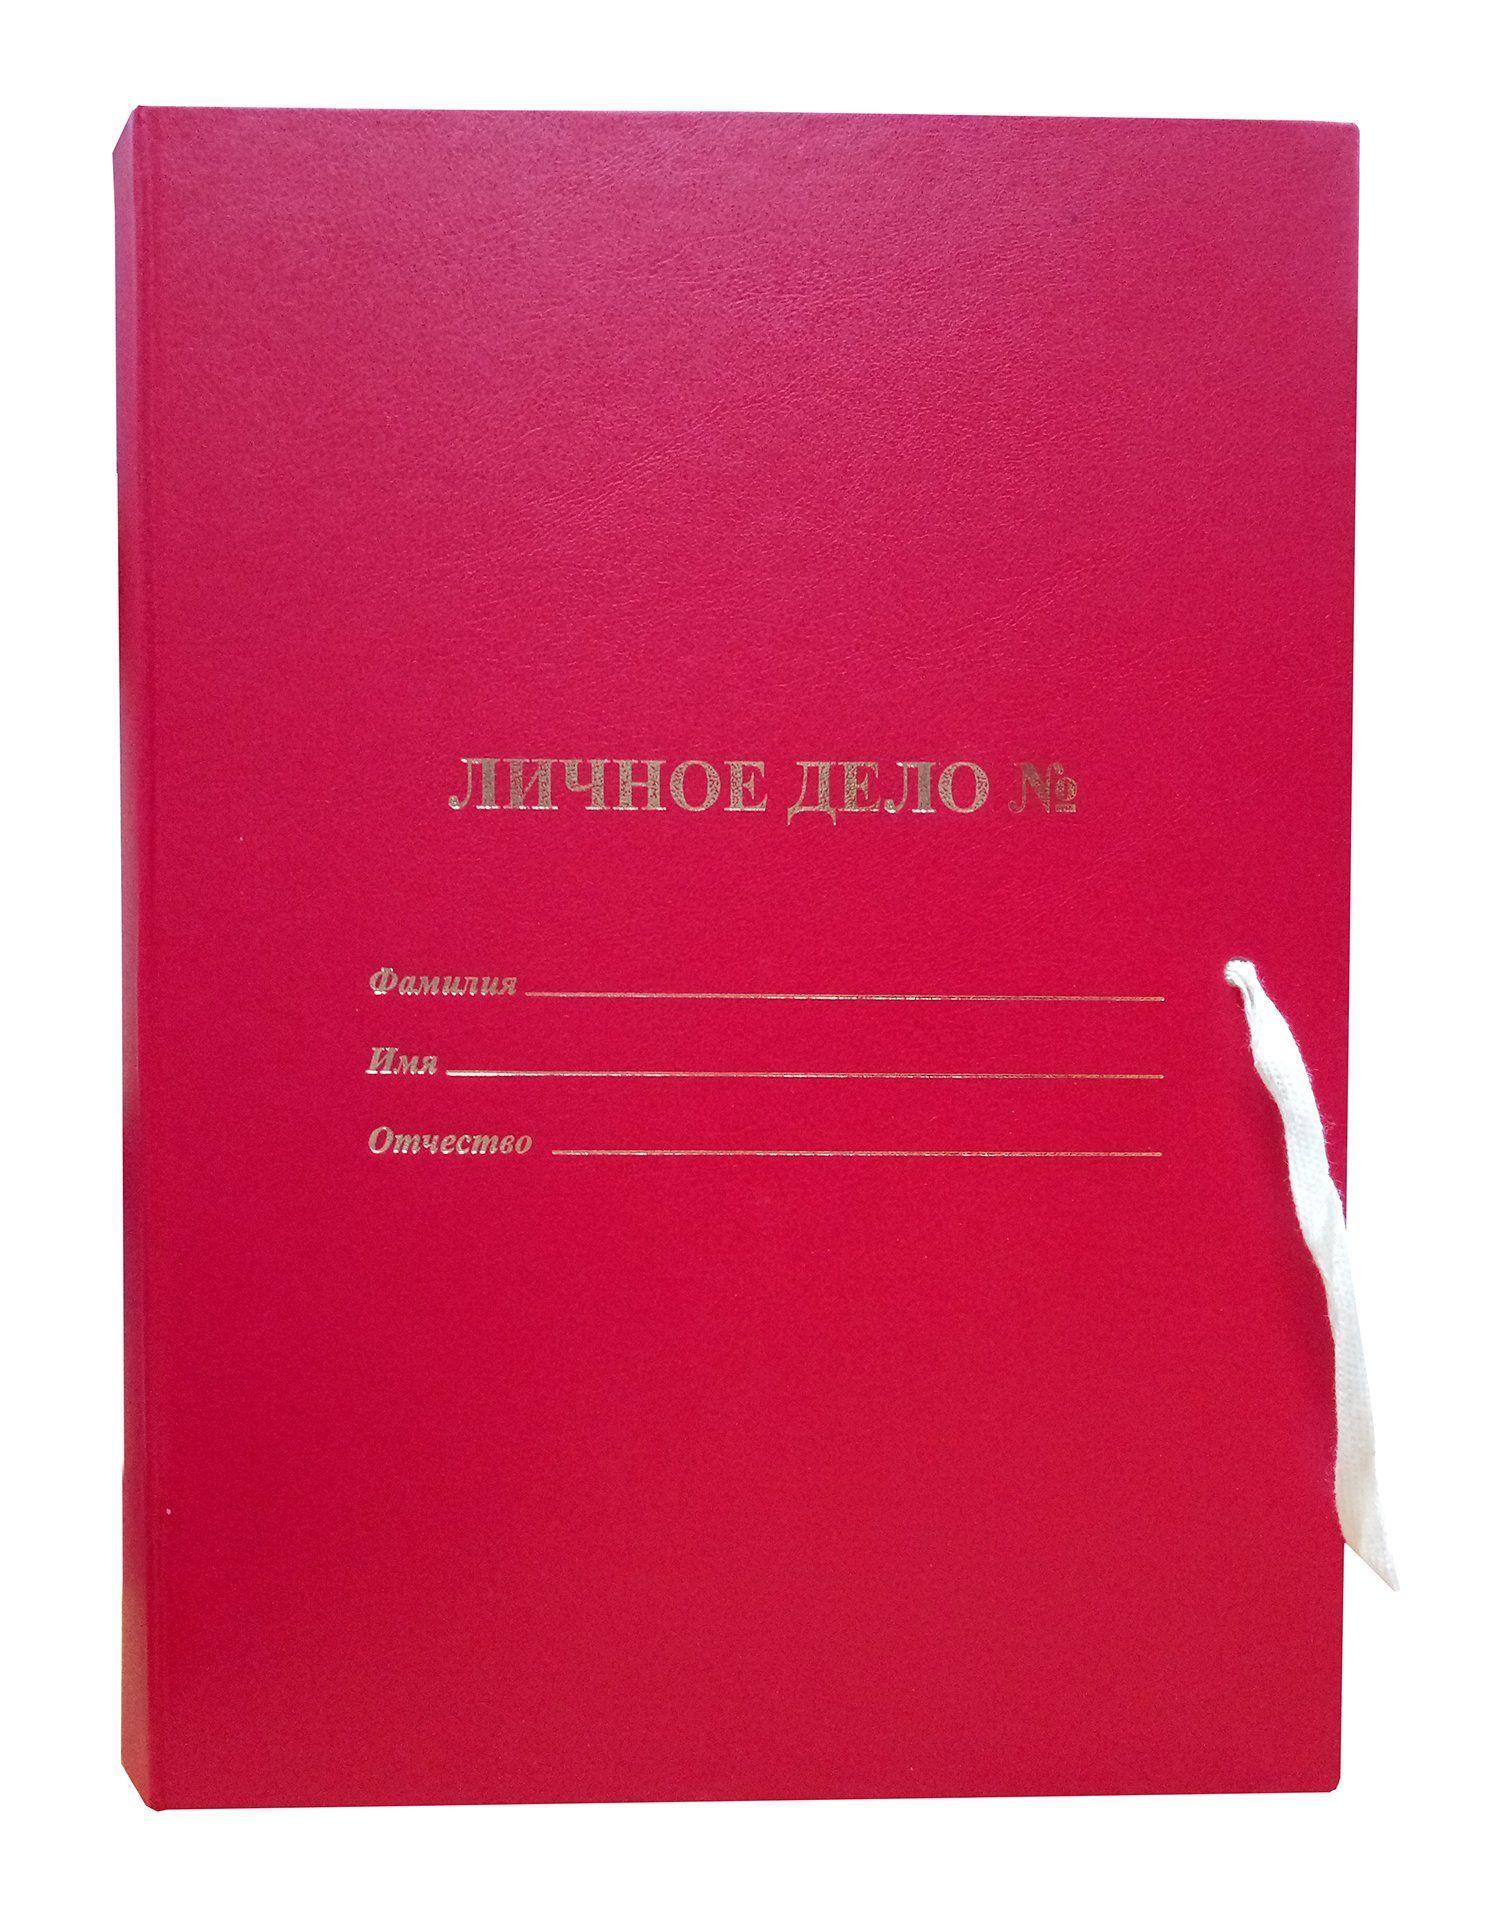 Папка архивная Личное дело с мягкими клапанами: покрытие БВ, с 4 завязками, цвет красный, тиснение золотоПапки<br>.<br><br>Год: 2018<br>Высота: 325<br>Ширина: 230<br>Толщина: 80